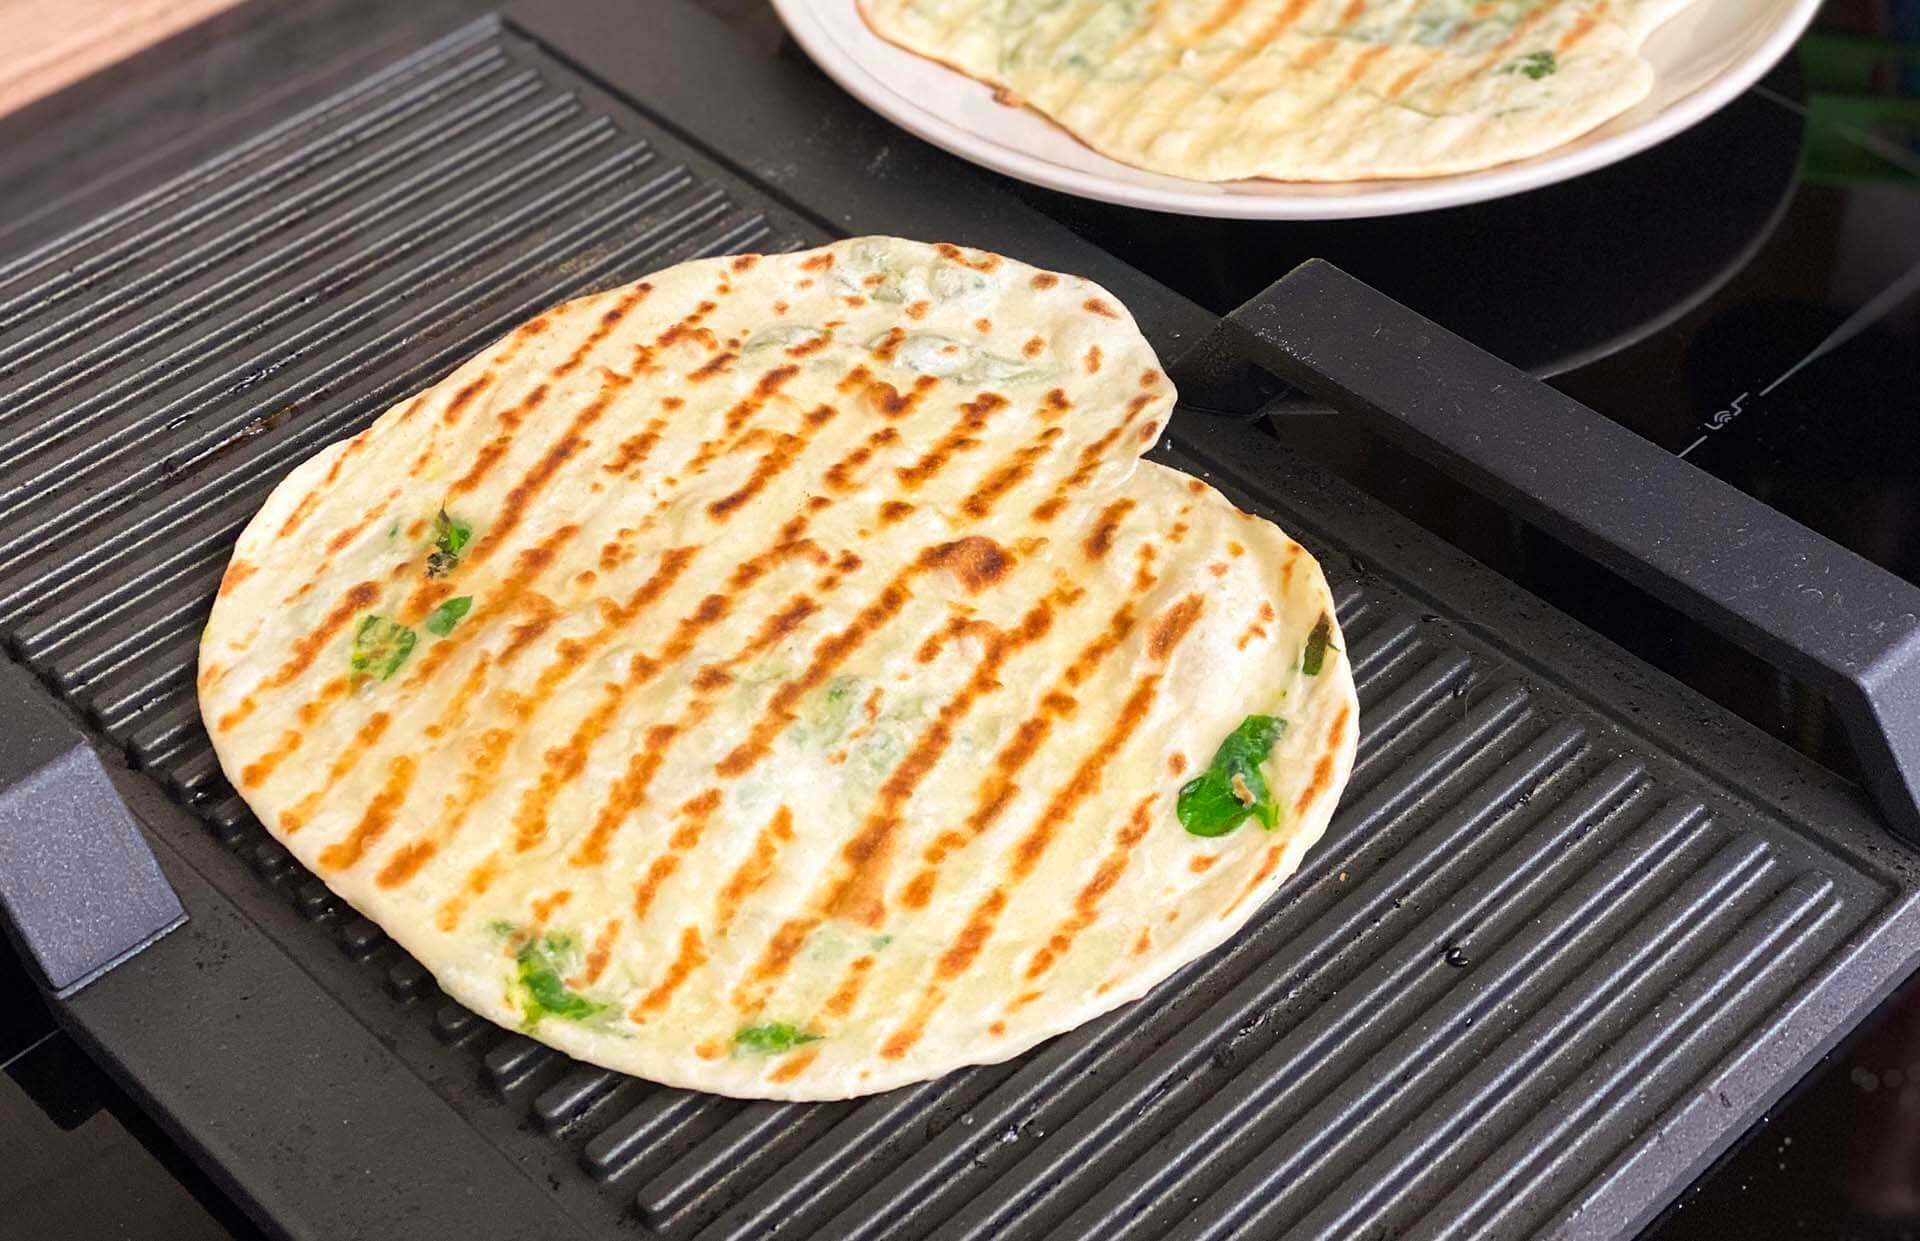 zdrave tortilje, klub zdravih navika, kzn, zdrave tortilje klub zdravih navika, zdrave tortilje kzn, tortilje od spanaca, tortilje sa crinim pirincem, tortilje sa pirincem, ukusna tortilja, zdrava tortilja, tortilja od speltinog brasna, rucak, slano, trikovi i cake, Iceberg Salat